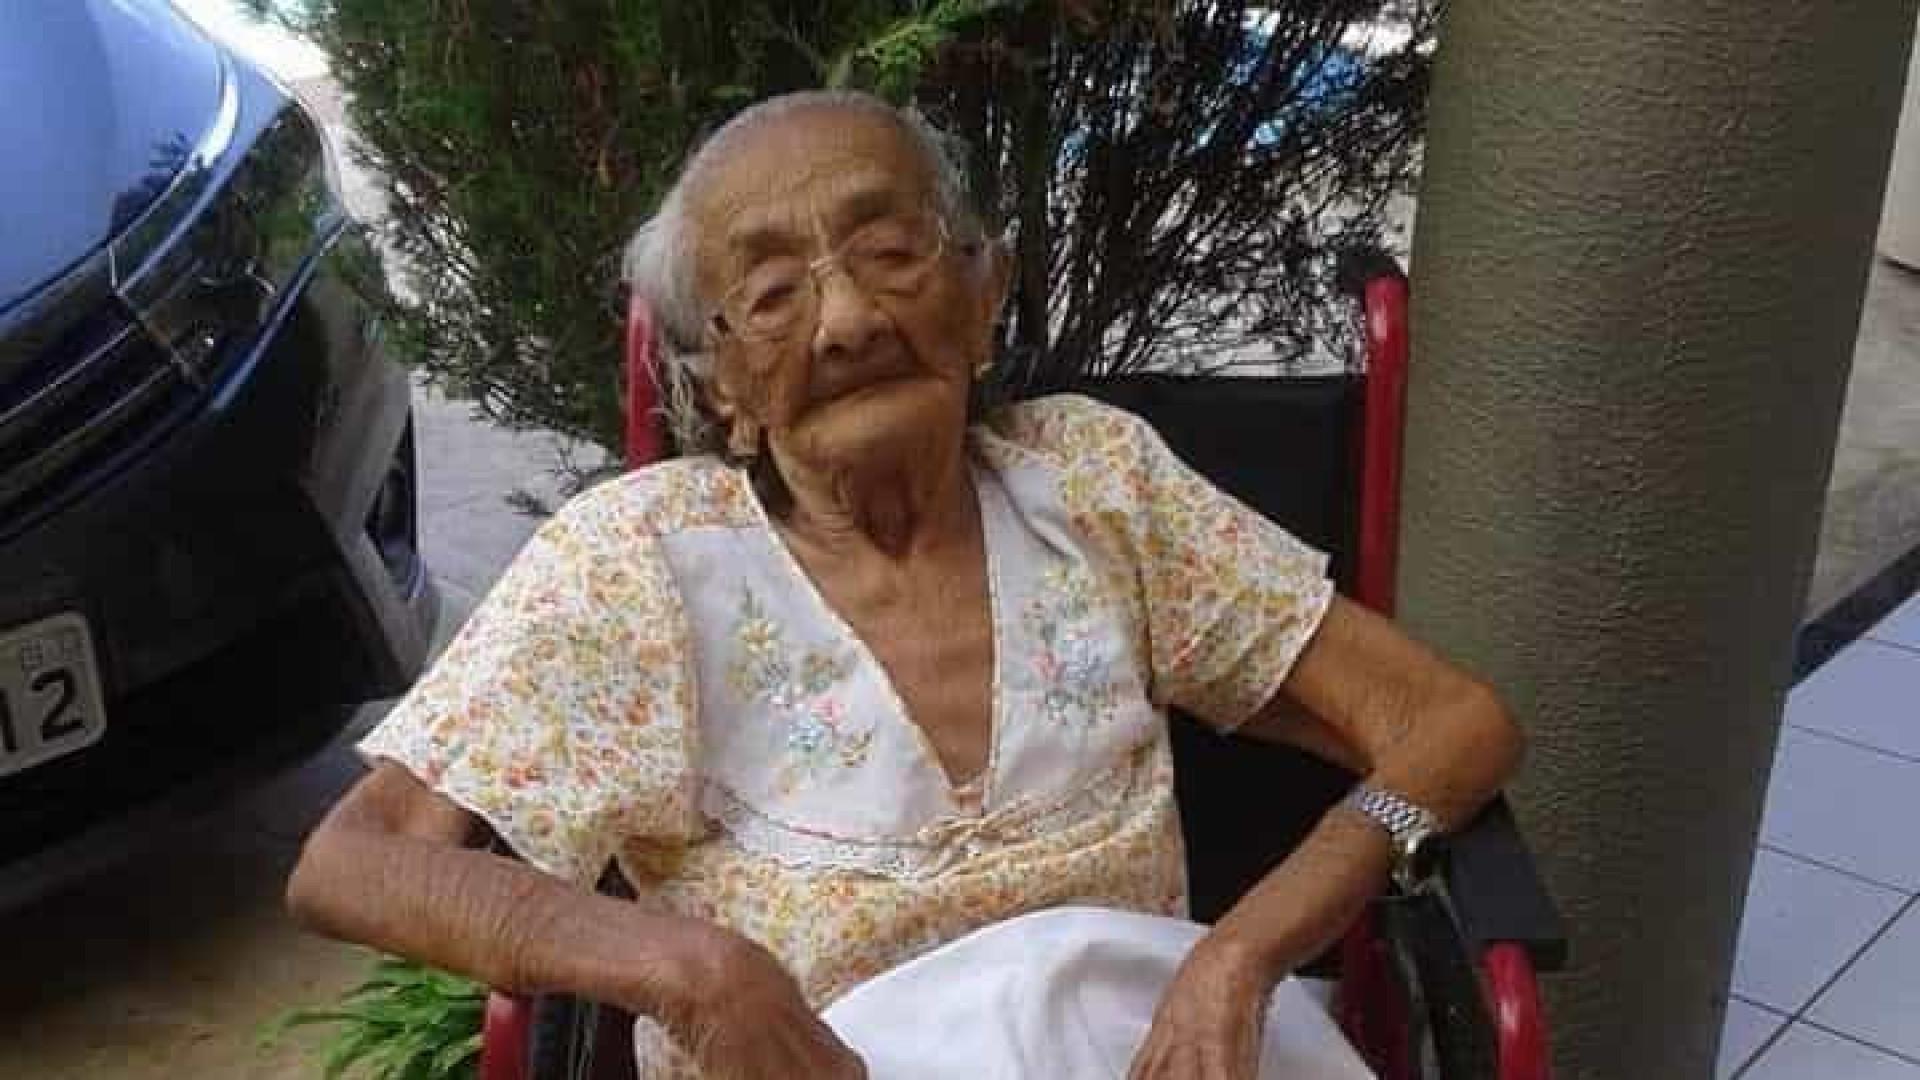 Morre a pessoa mais velha do Brasil. Francisca tinha 116 anos de idade